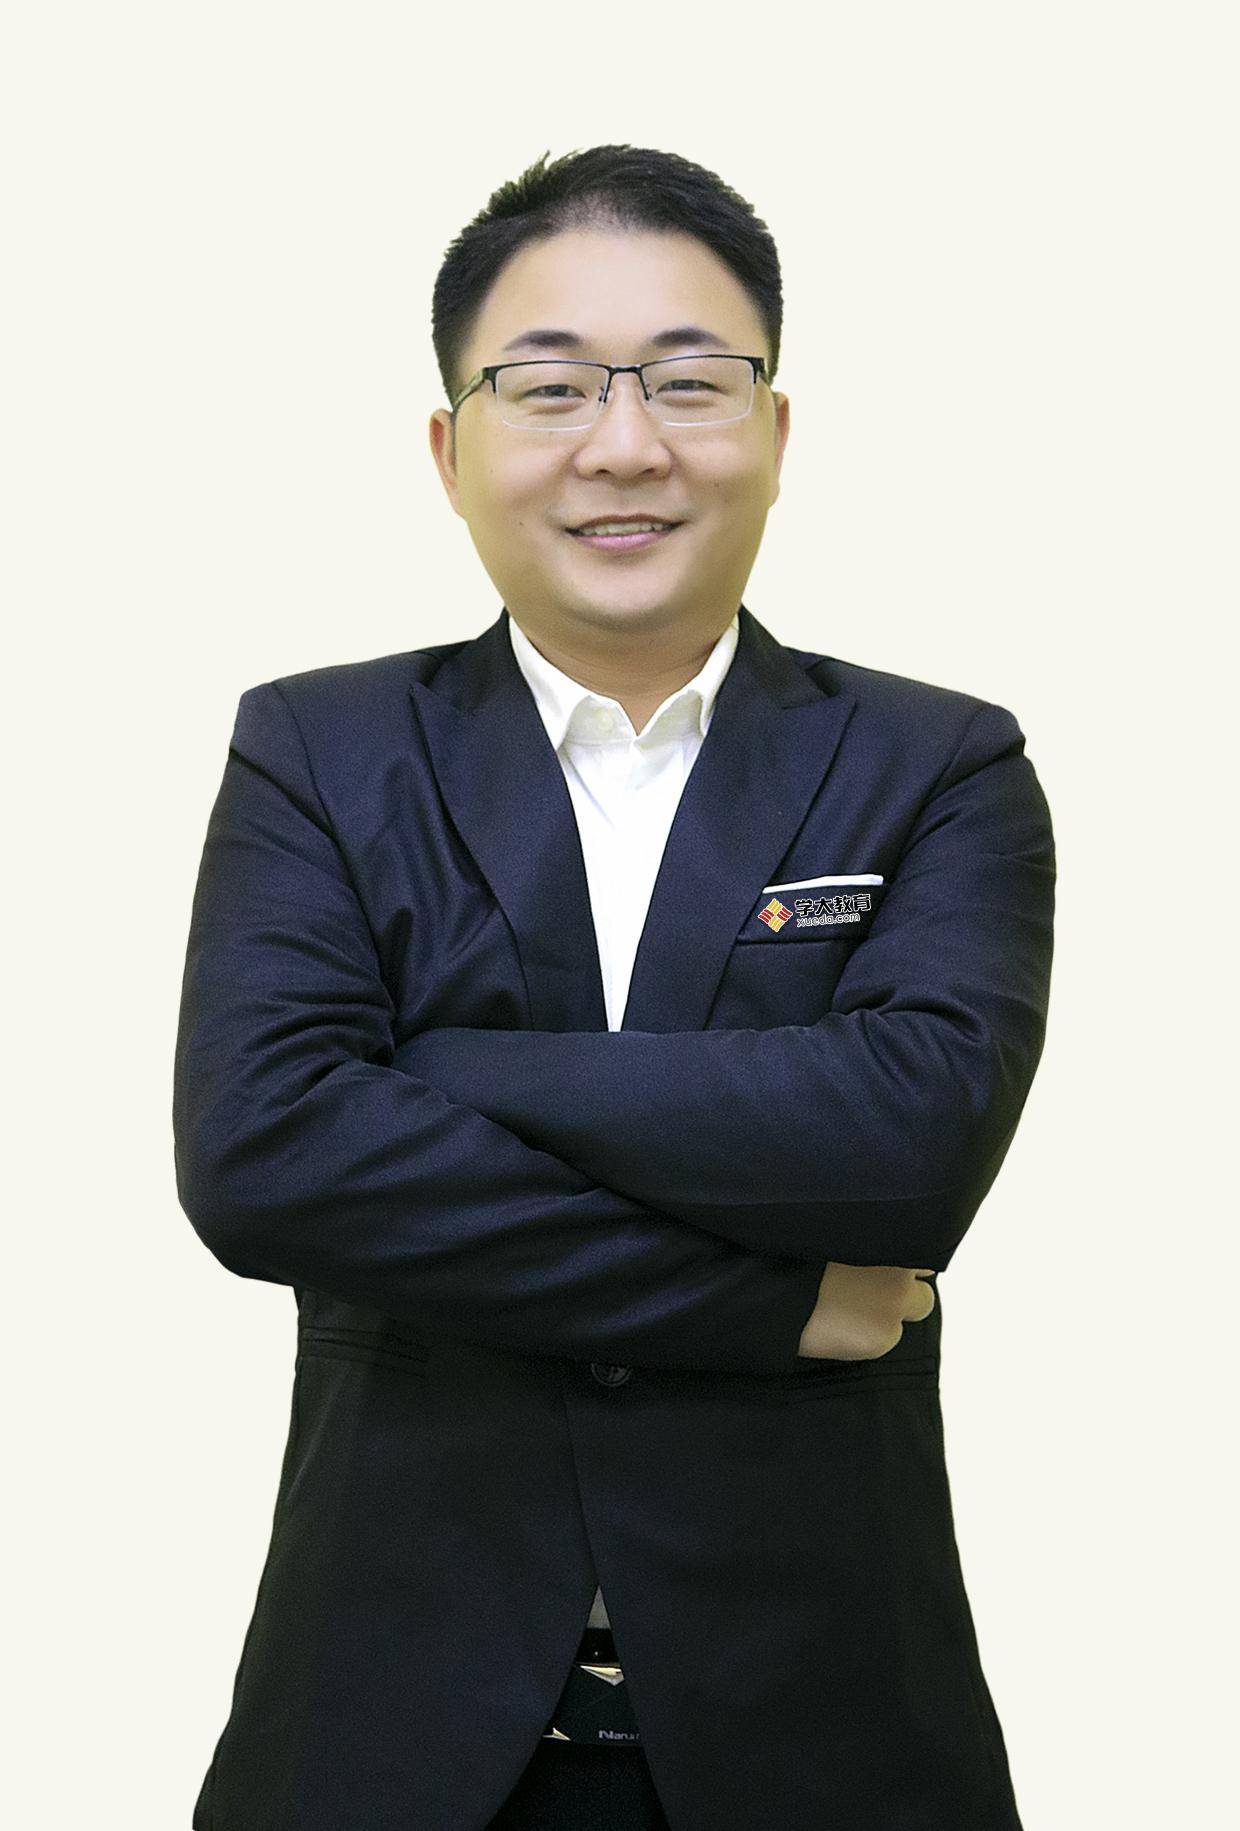 初中老师-初中数学老师_赵钧